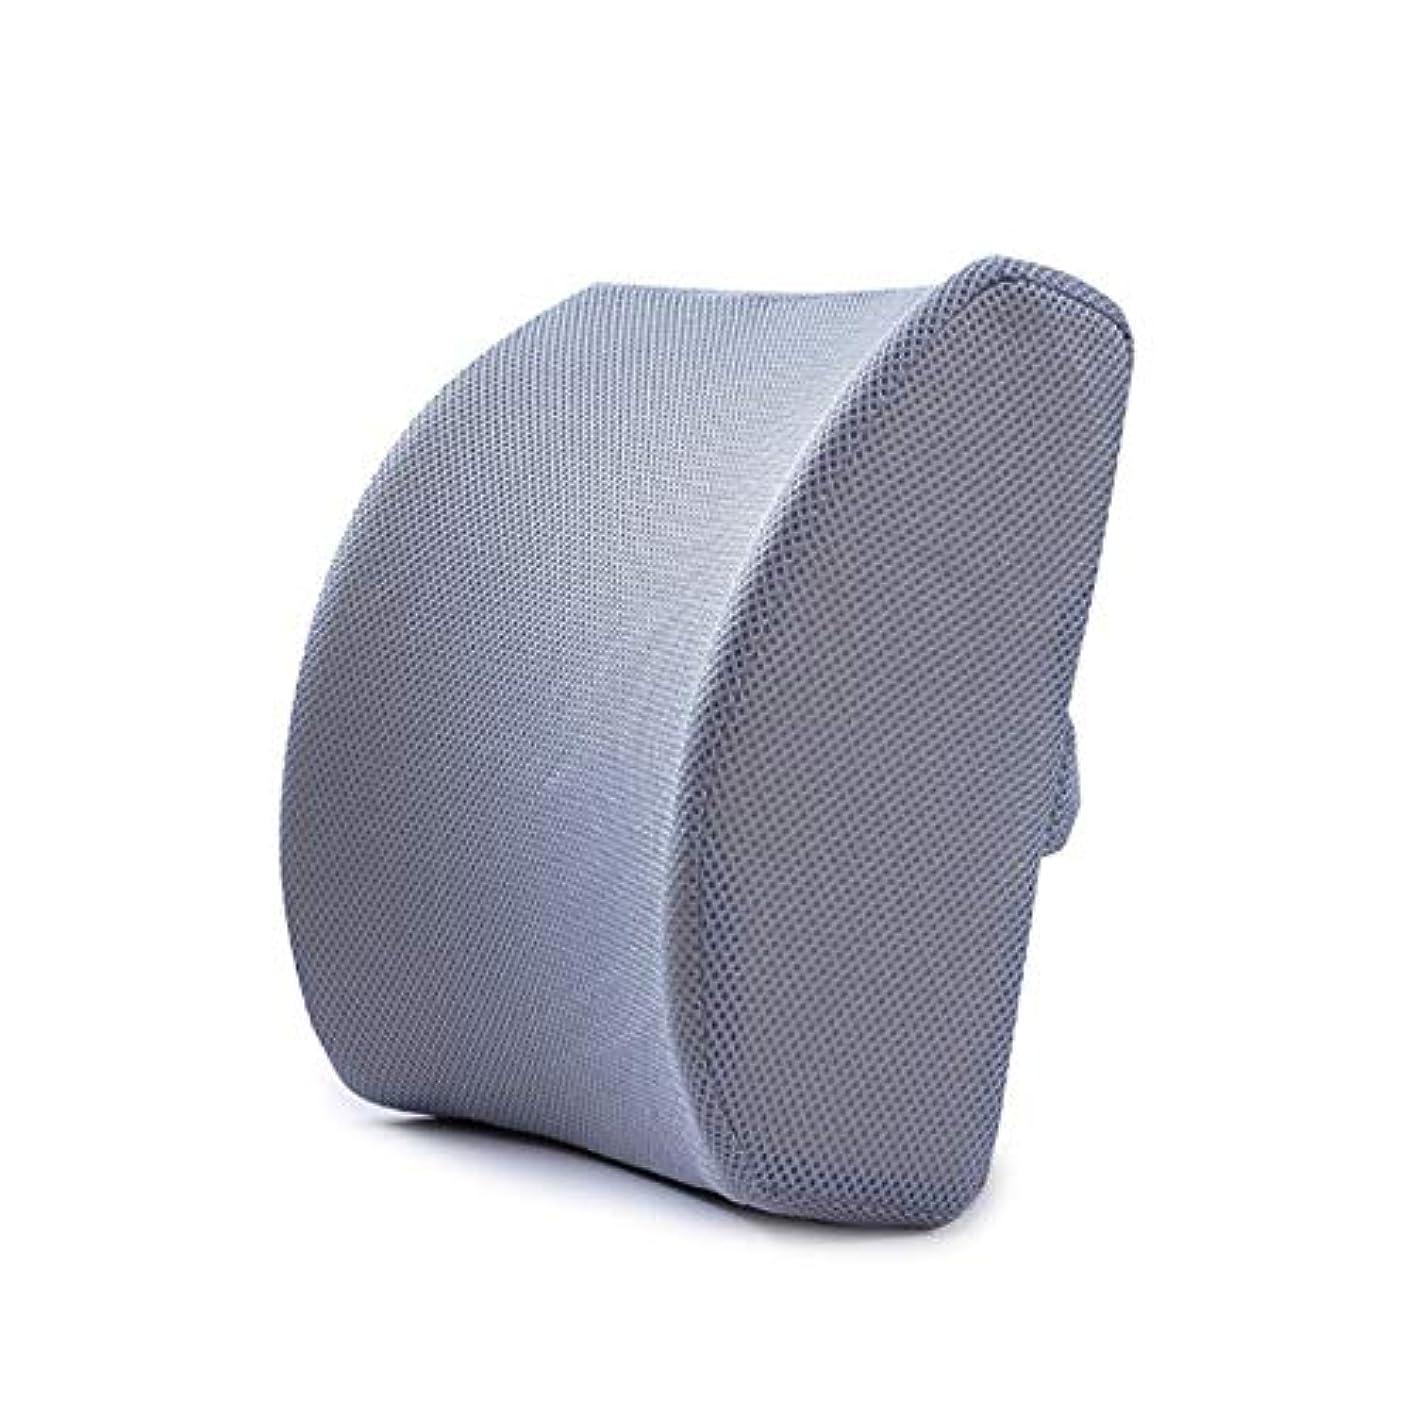 移動高架甘美なLIFE ホームオフィス背もたれ椅子腰椎クッションカーシートネック枕 3D 低反発サポートバックマッサージウエストレスリビング枕 クッション 椅子